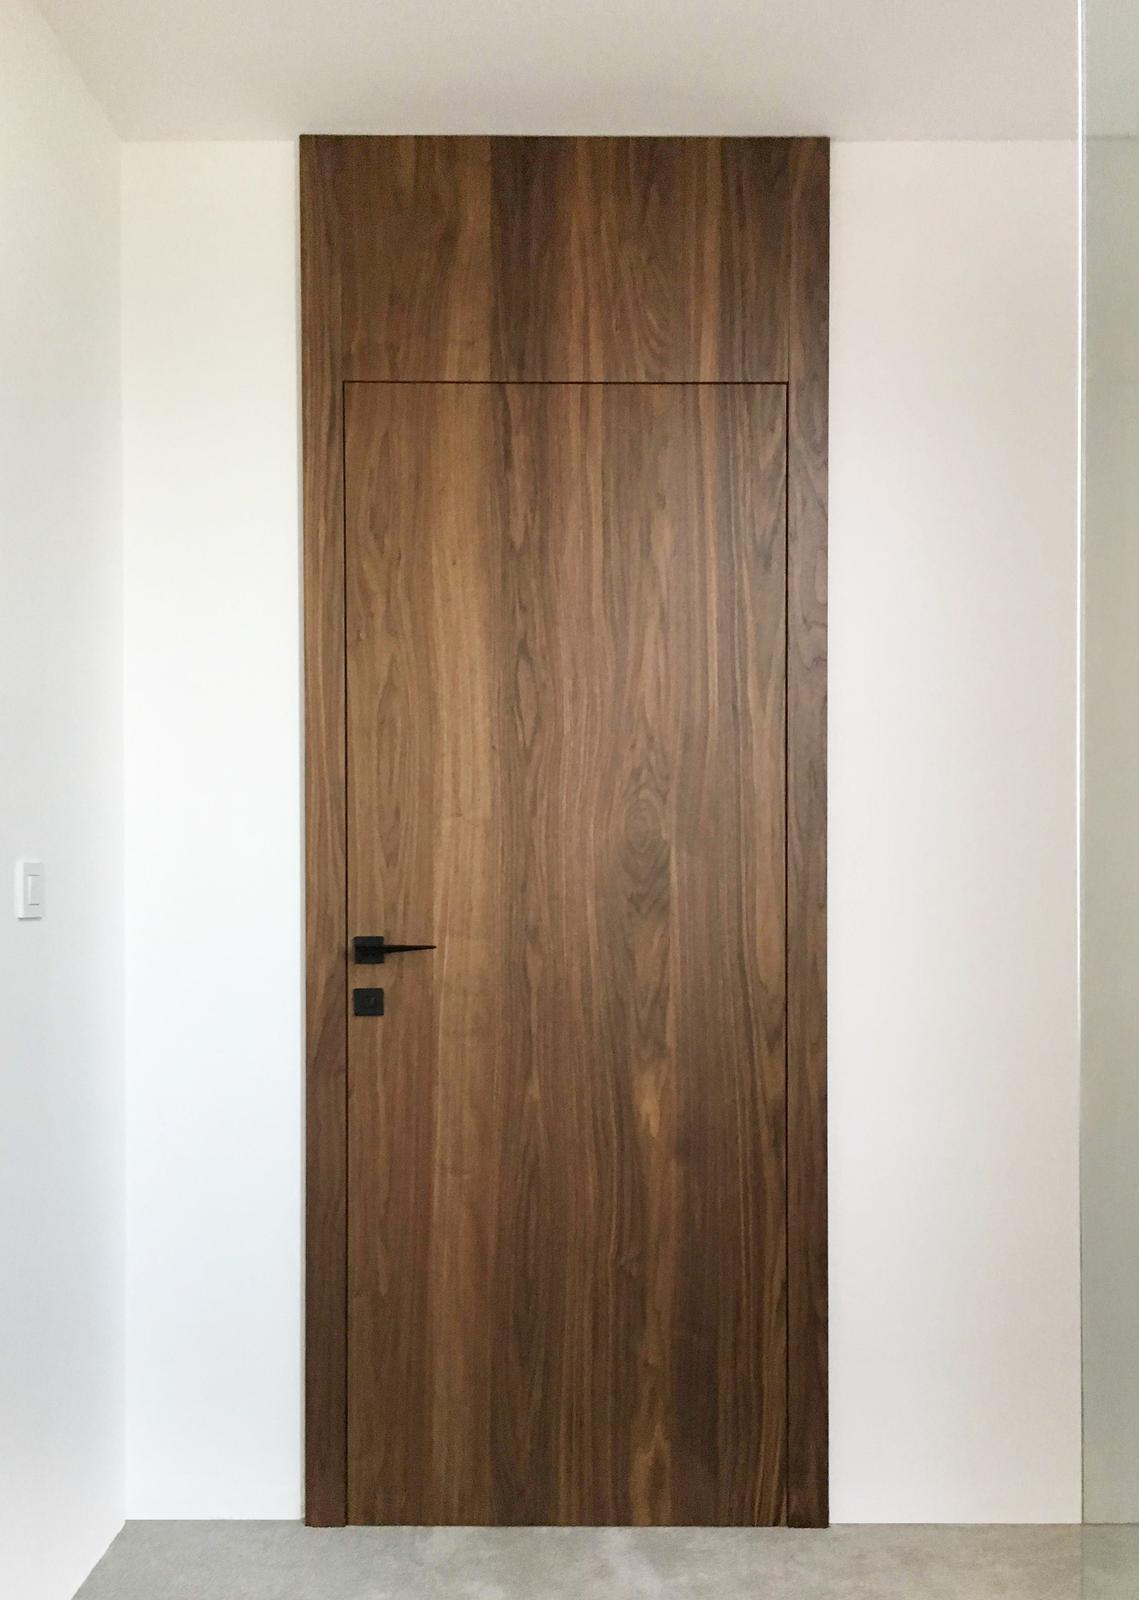 Interierové dvere na mieru - Bezfalcové interierové dvere - americký orech, zvýšená zárubňa, reverzné otváranie. Výroba Cubica